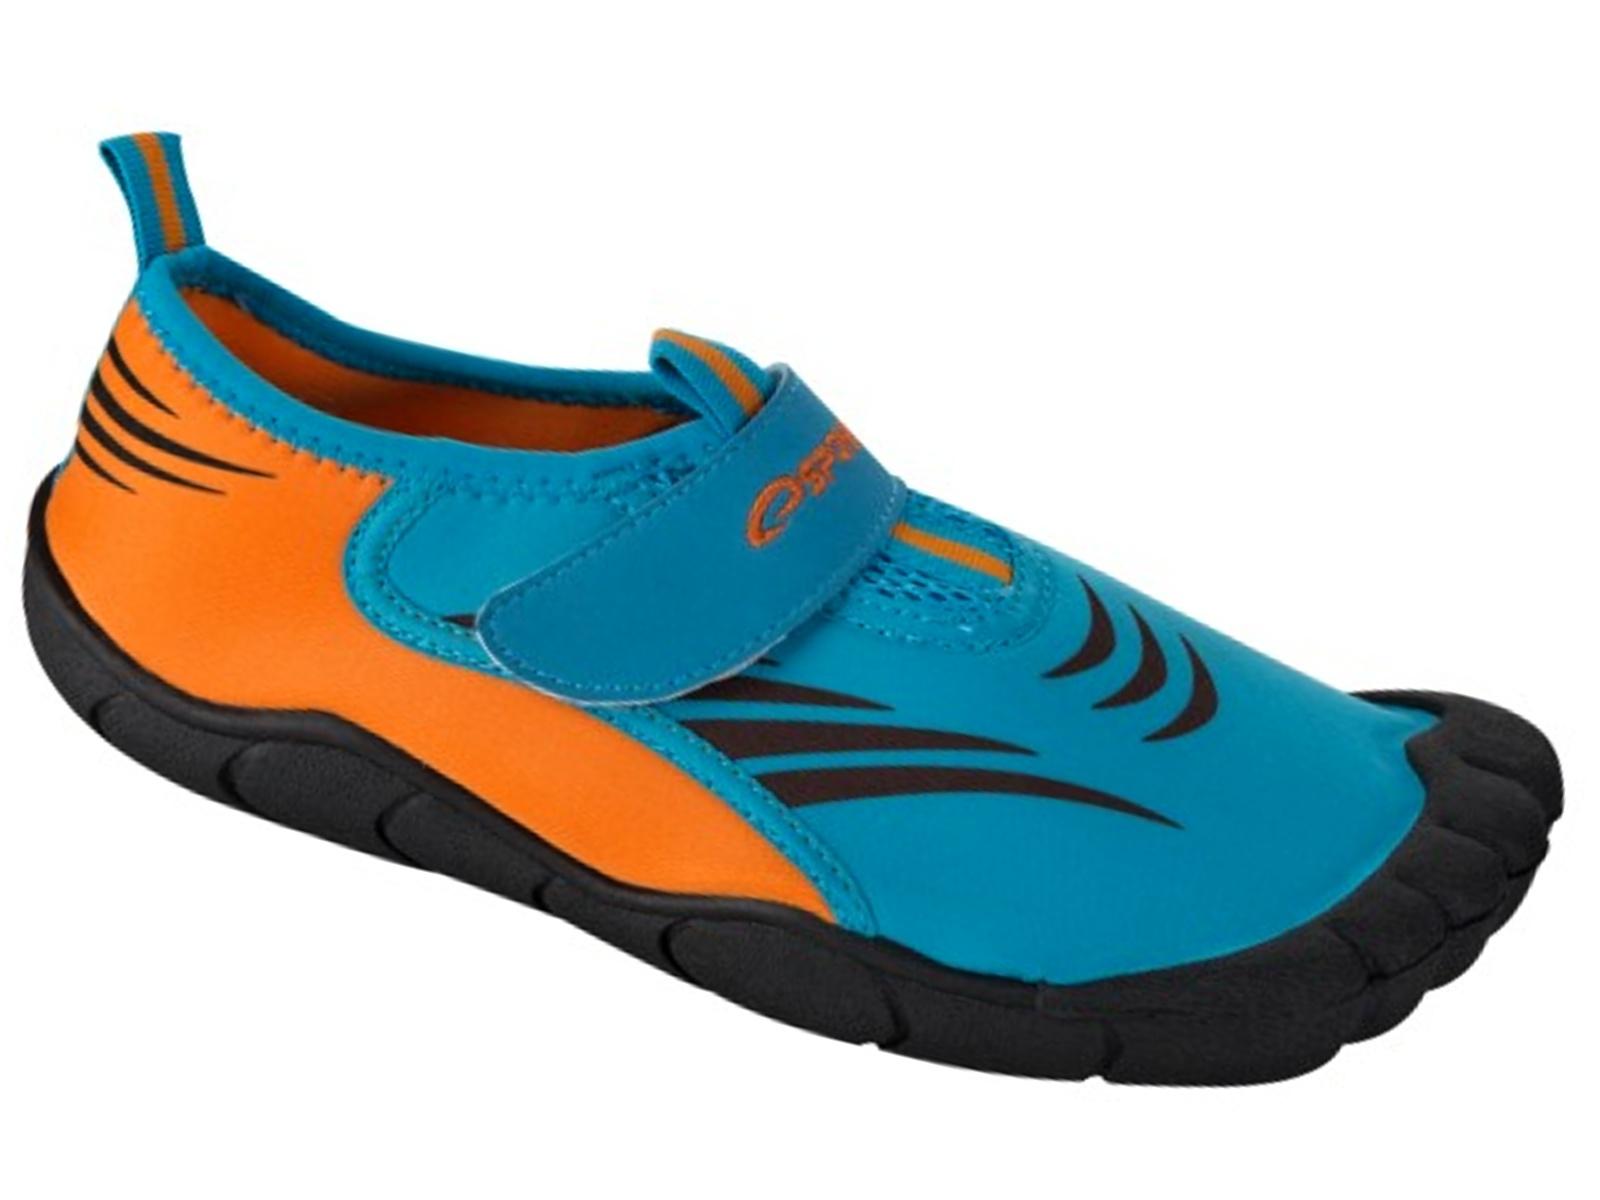 Boty do vody SPOKEY Seafoot pánské - vel. 42